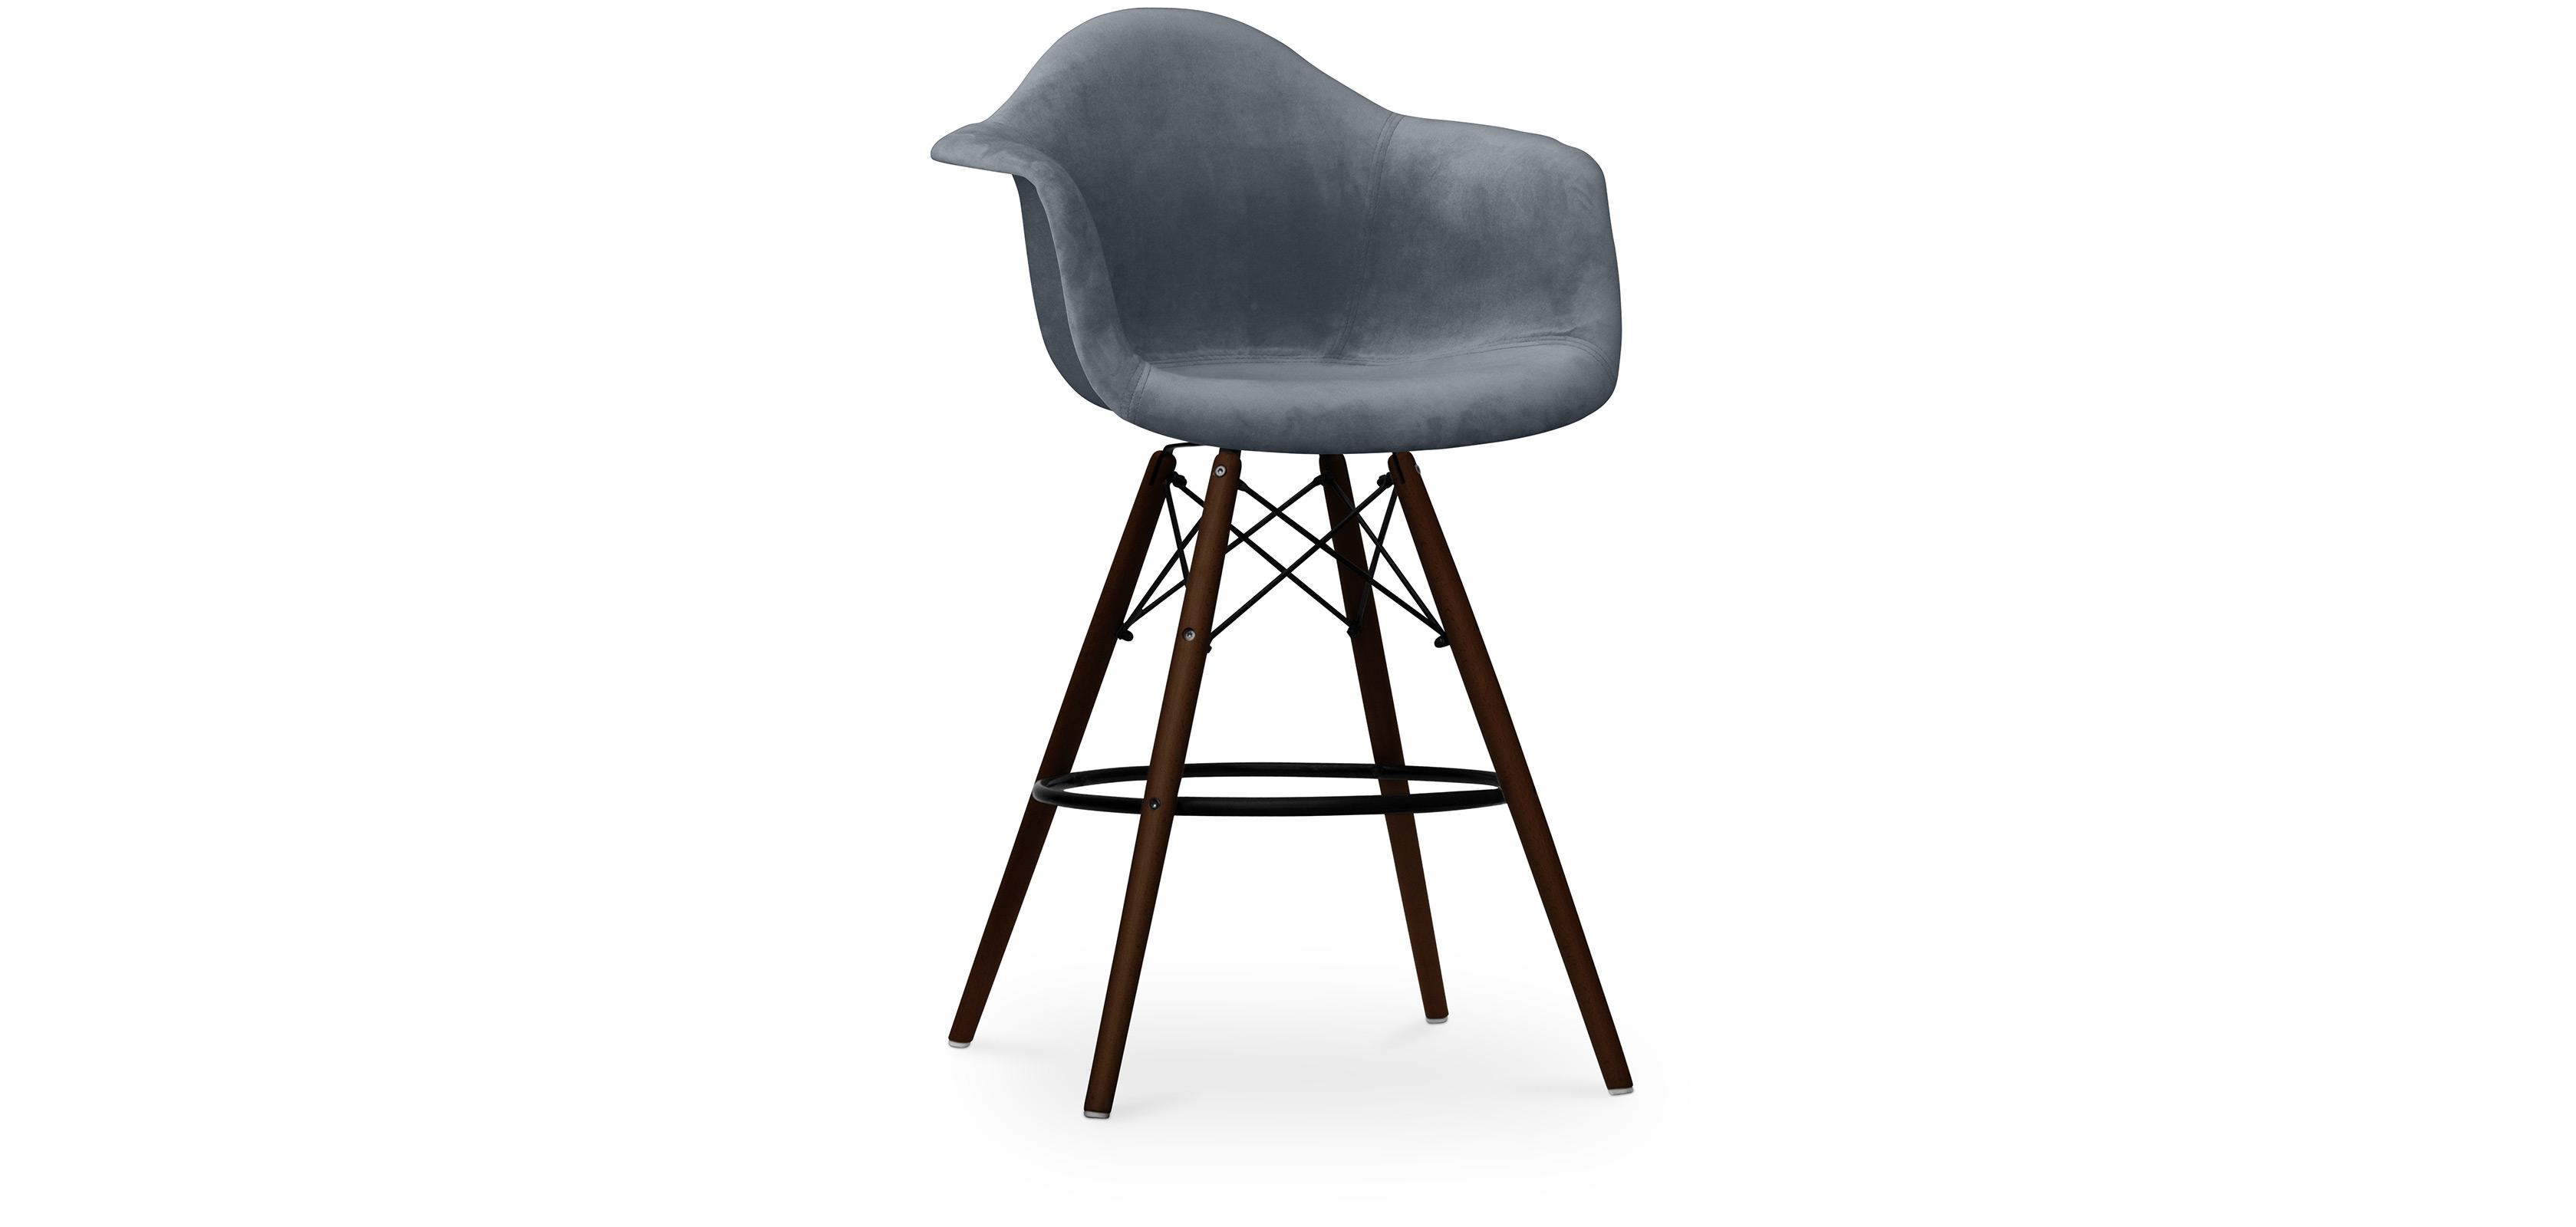 tabouret daw charles eames pi tement fonc tissu. Black Bedroom Furniture Sets. Home Design Ideas